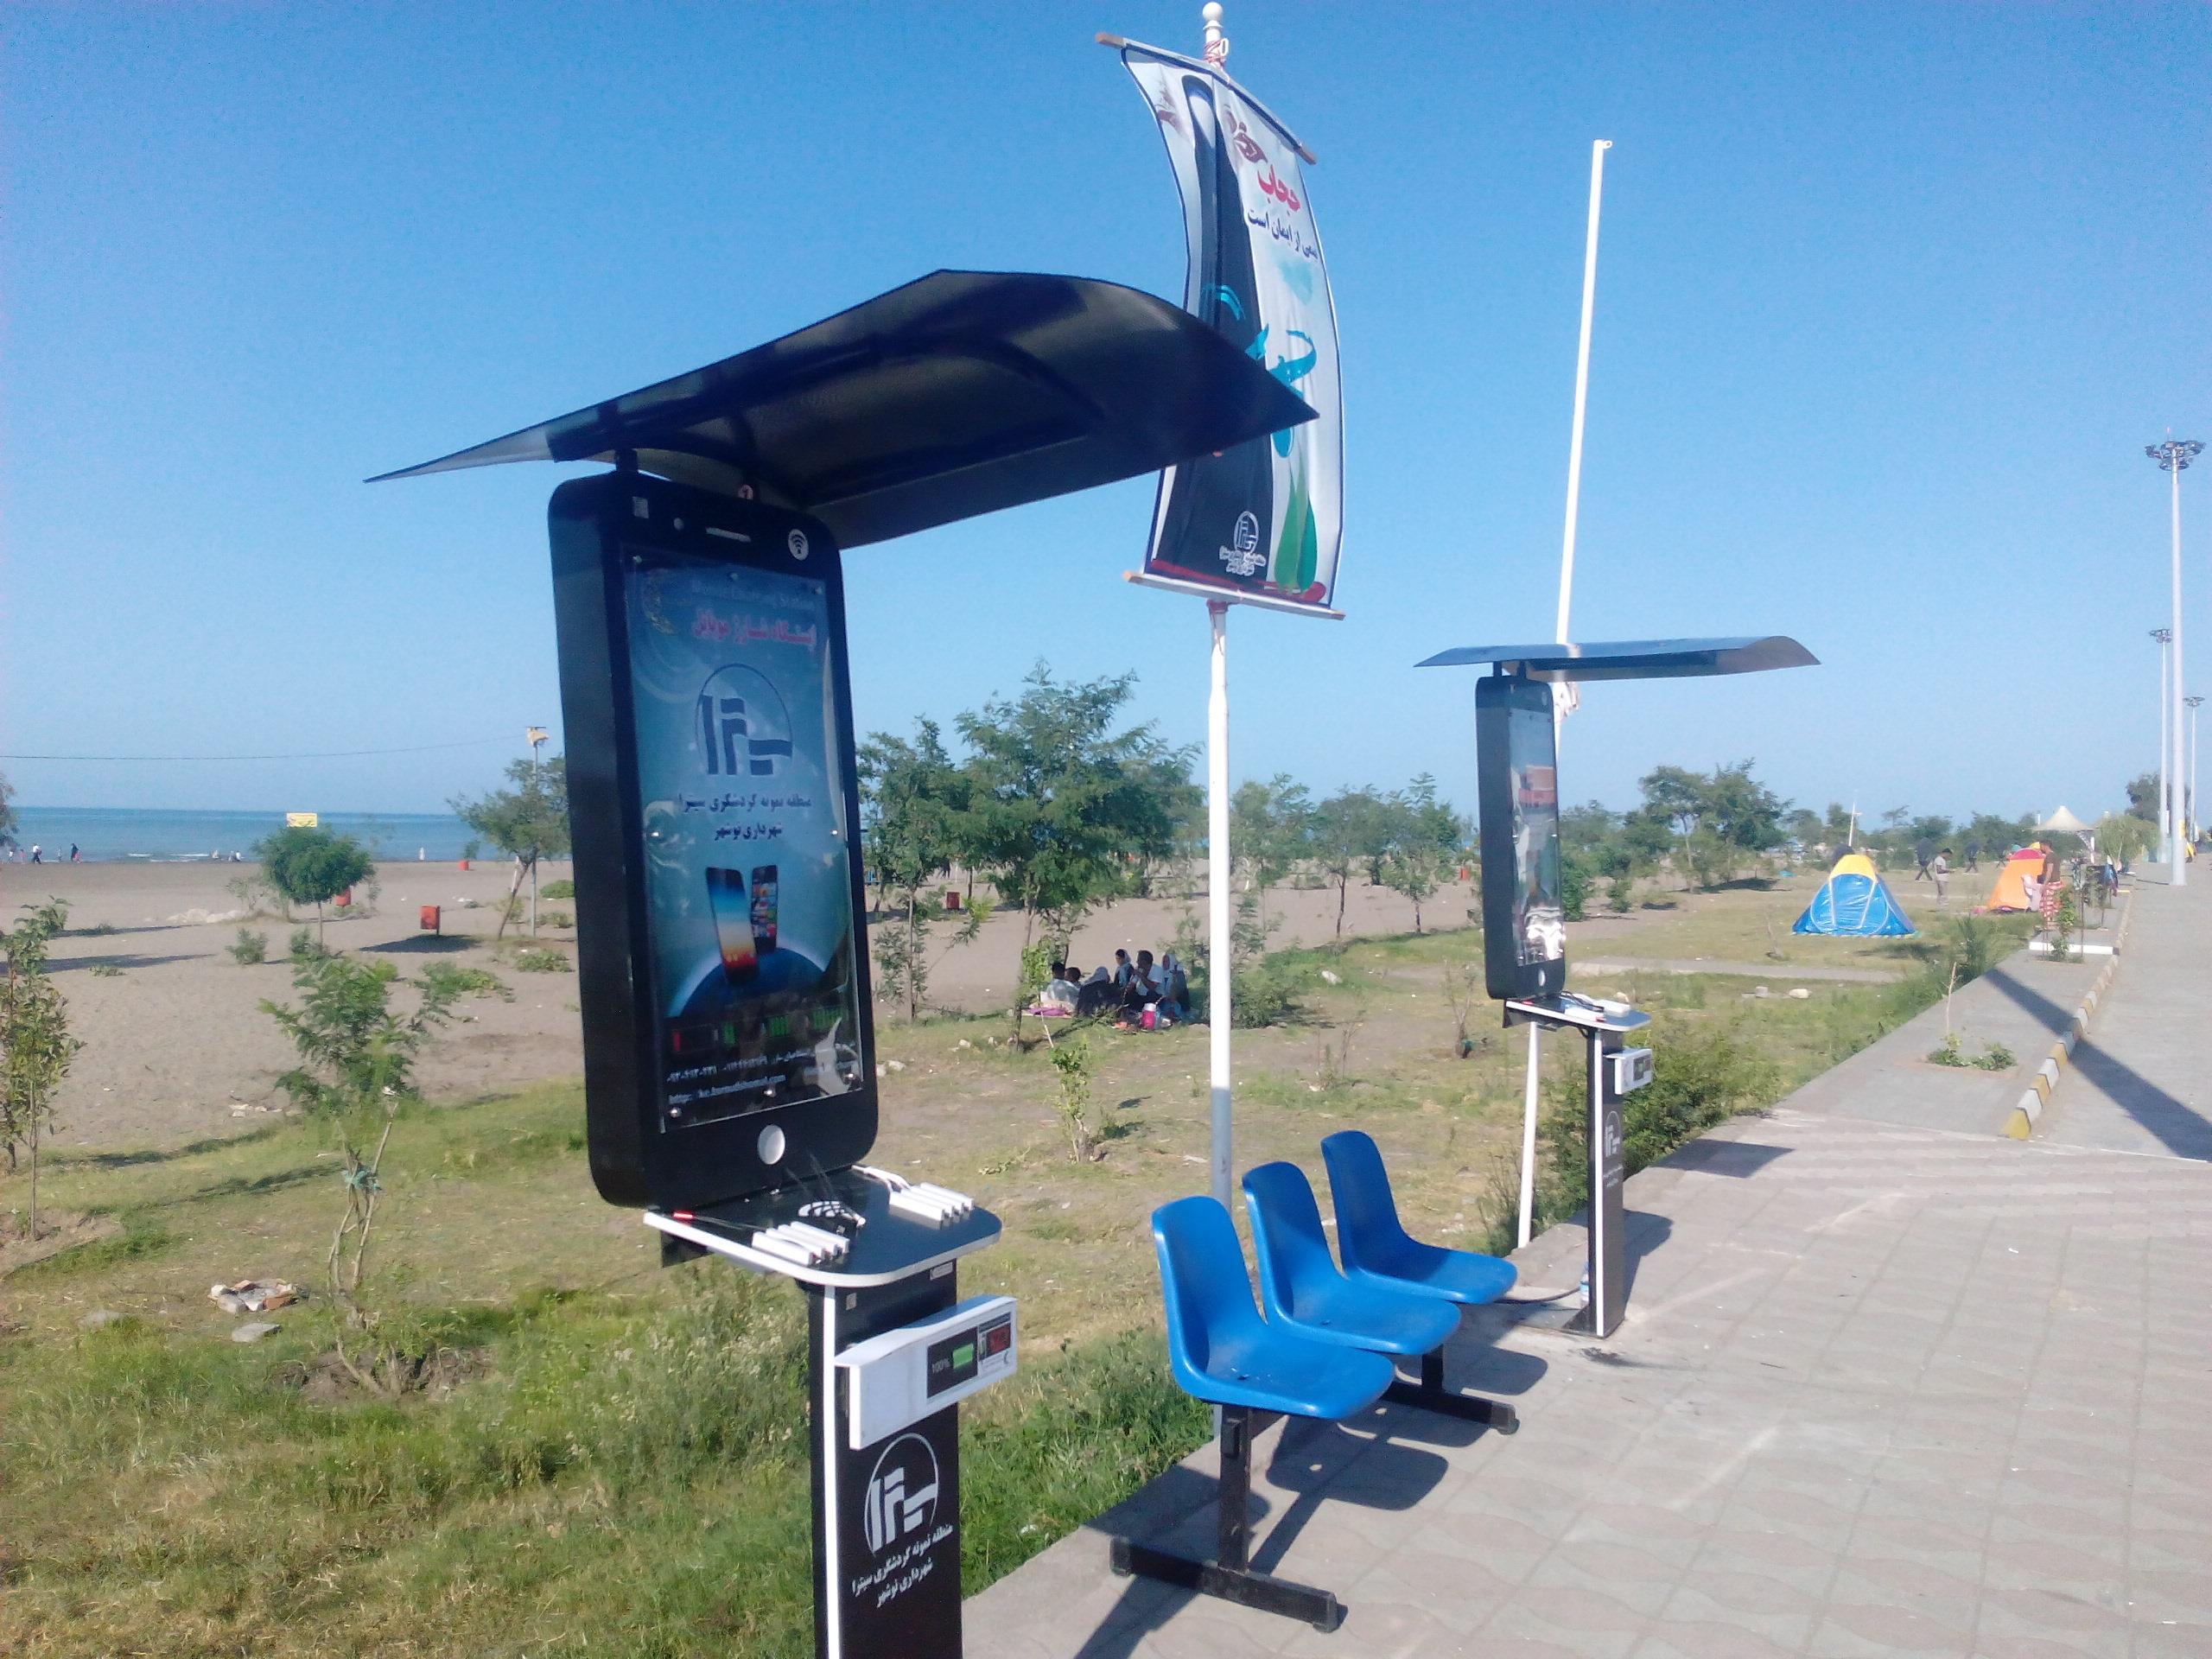 ایستگاه شارژ موبایل مدل MOW  دستگاهی است که برای رفاه بیشتر شهروندان ساخته شده است و هنگامی که شهروندان در مکانهای عمومی پارکها، ایستگاهها، ادارات، سازمانها، فرودگاهها، هتل ها، رستوران ها و .. با اتمام شارژ موبایل و تبلت مواجه می گردند می توانند از این دستگاه استفاده نمایند، این ایستگاه شارژ دارای 15 الی 20 خروجی(به صورت خروجی USB، سیم های فست سه تایی(تایپسی، اپل . اندروید)، شارژر وایرلس و سوکتهای سه تایی باسیم توکار) به همراه محافظ ولتاژ می باشد و نیازی به خاموش شدن بعد از نصب ندارد. فضای لایت باکس بالا و فضای پایین آن می تواند جهت تبلیغات، اطلاع رسانی و برندینگ مورد استفاده قرار گیرد.